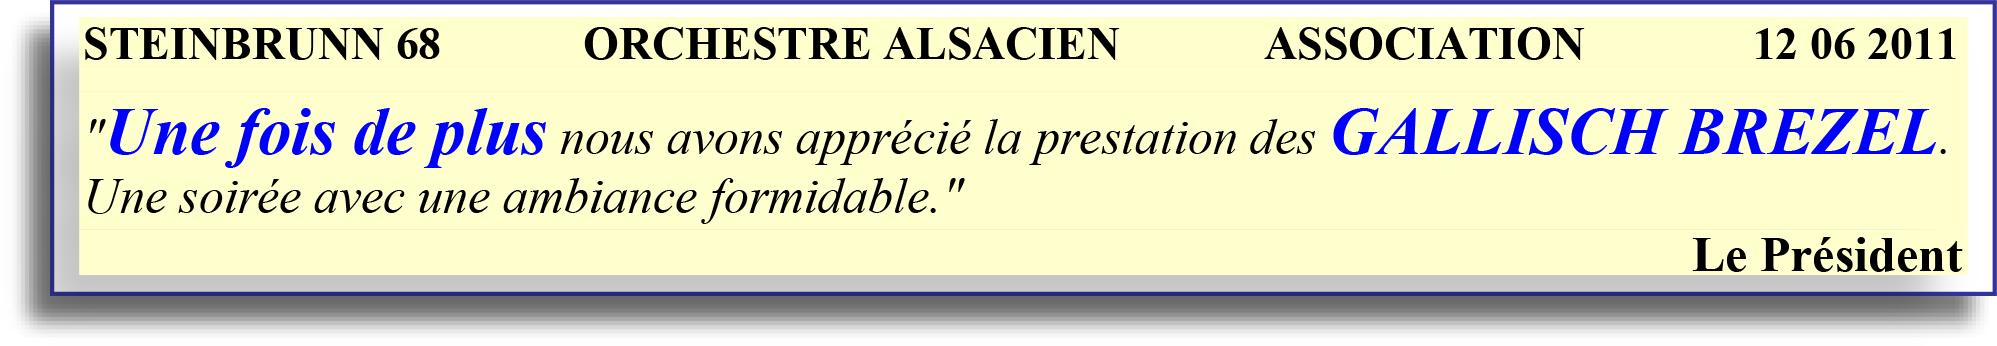 STEINBRUNN 68  ORCHESTRE ALSACIEN  12 06 2011